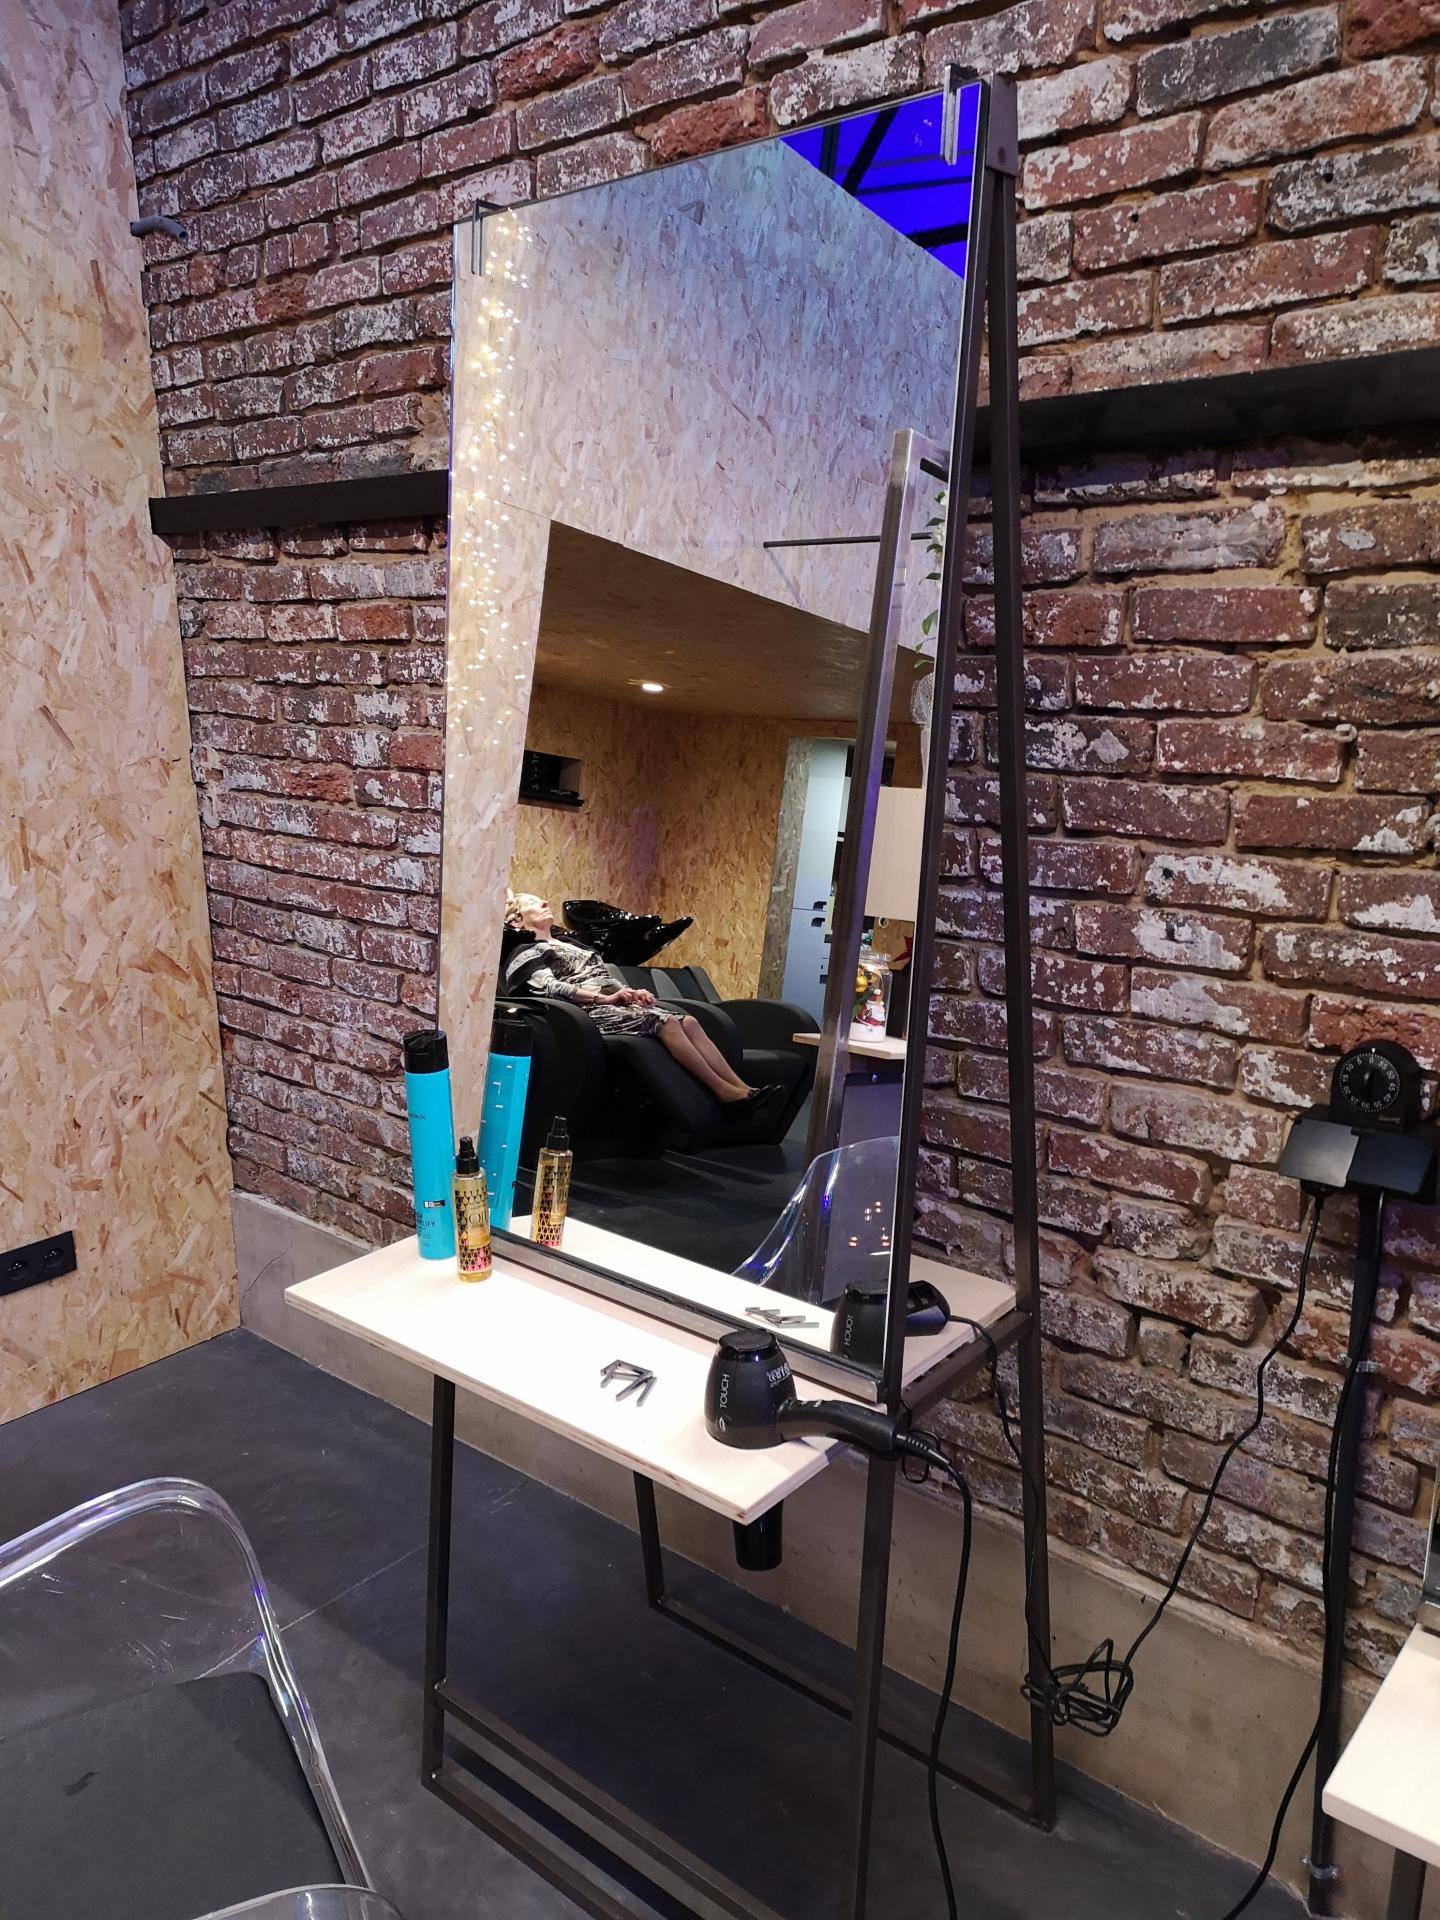 mirroir salon de coiffure